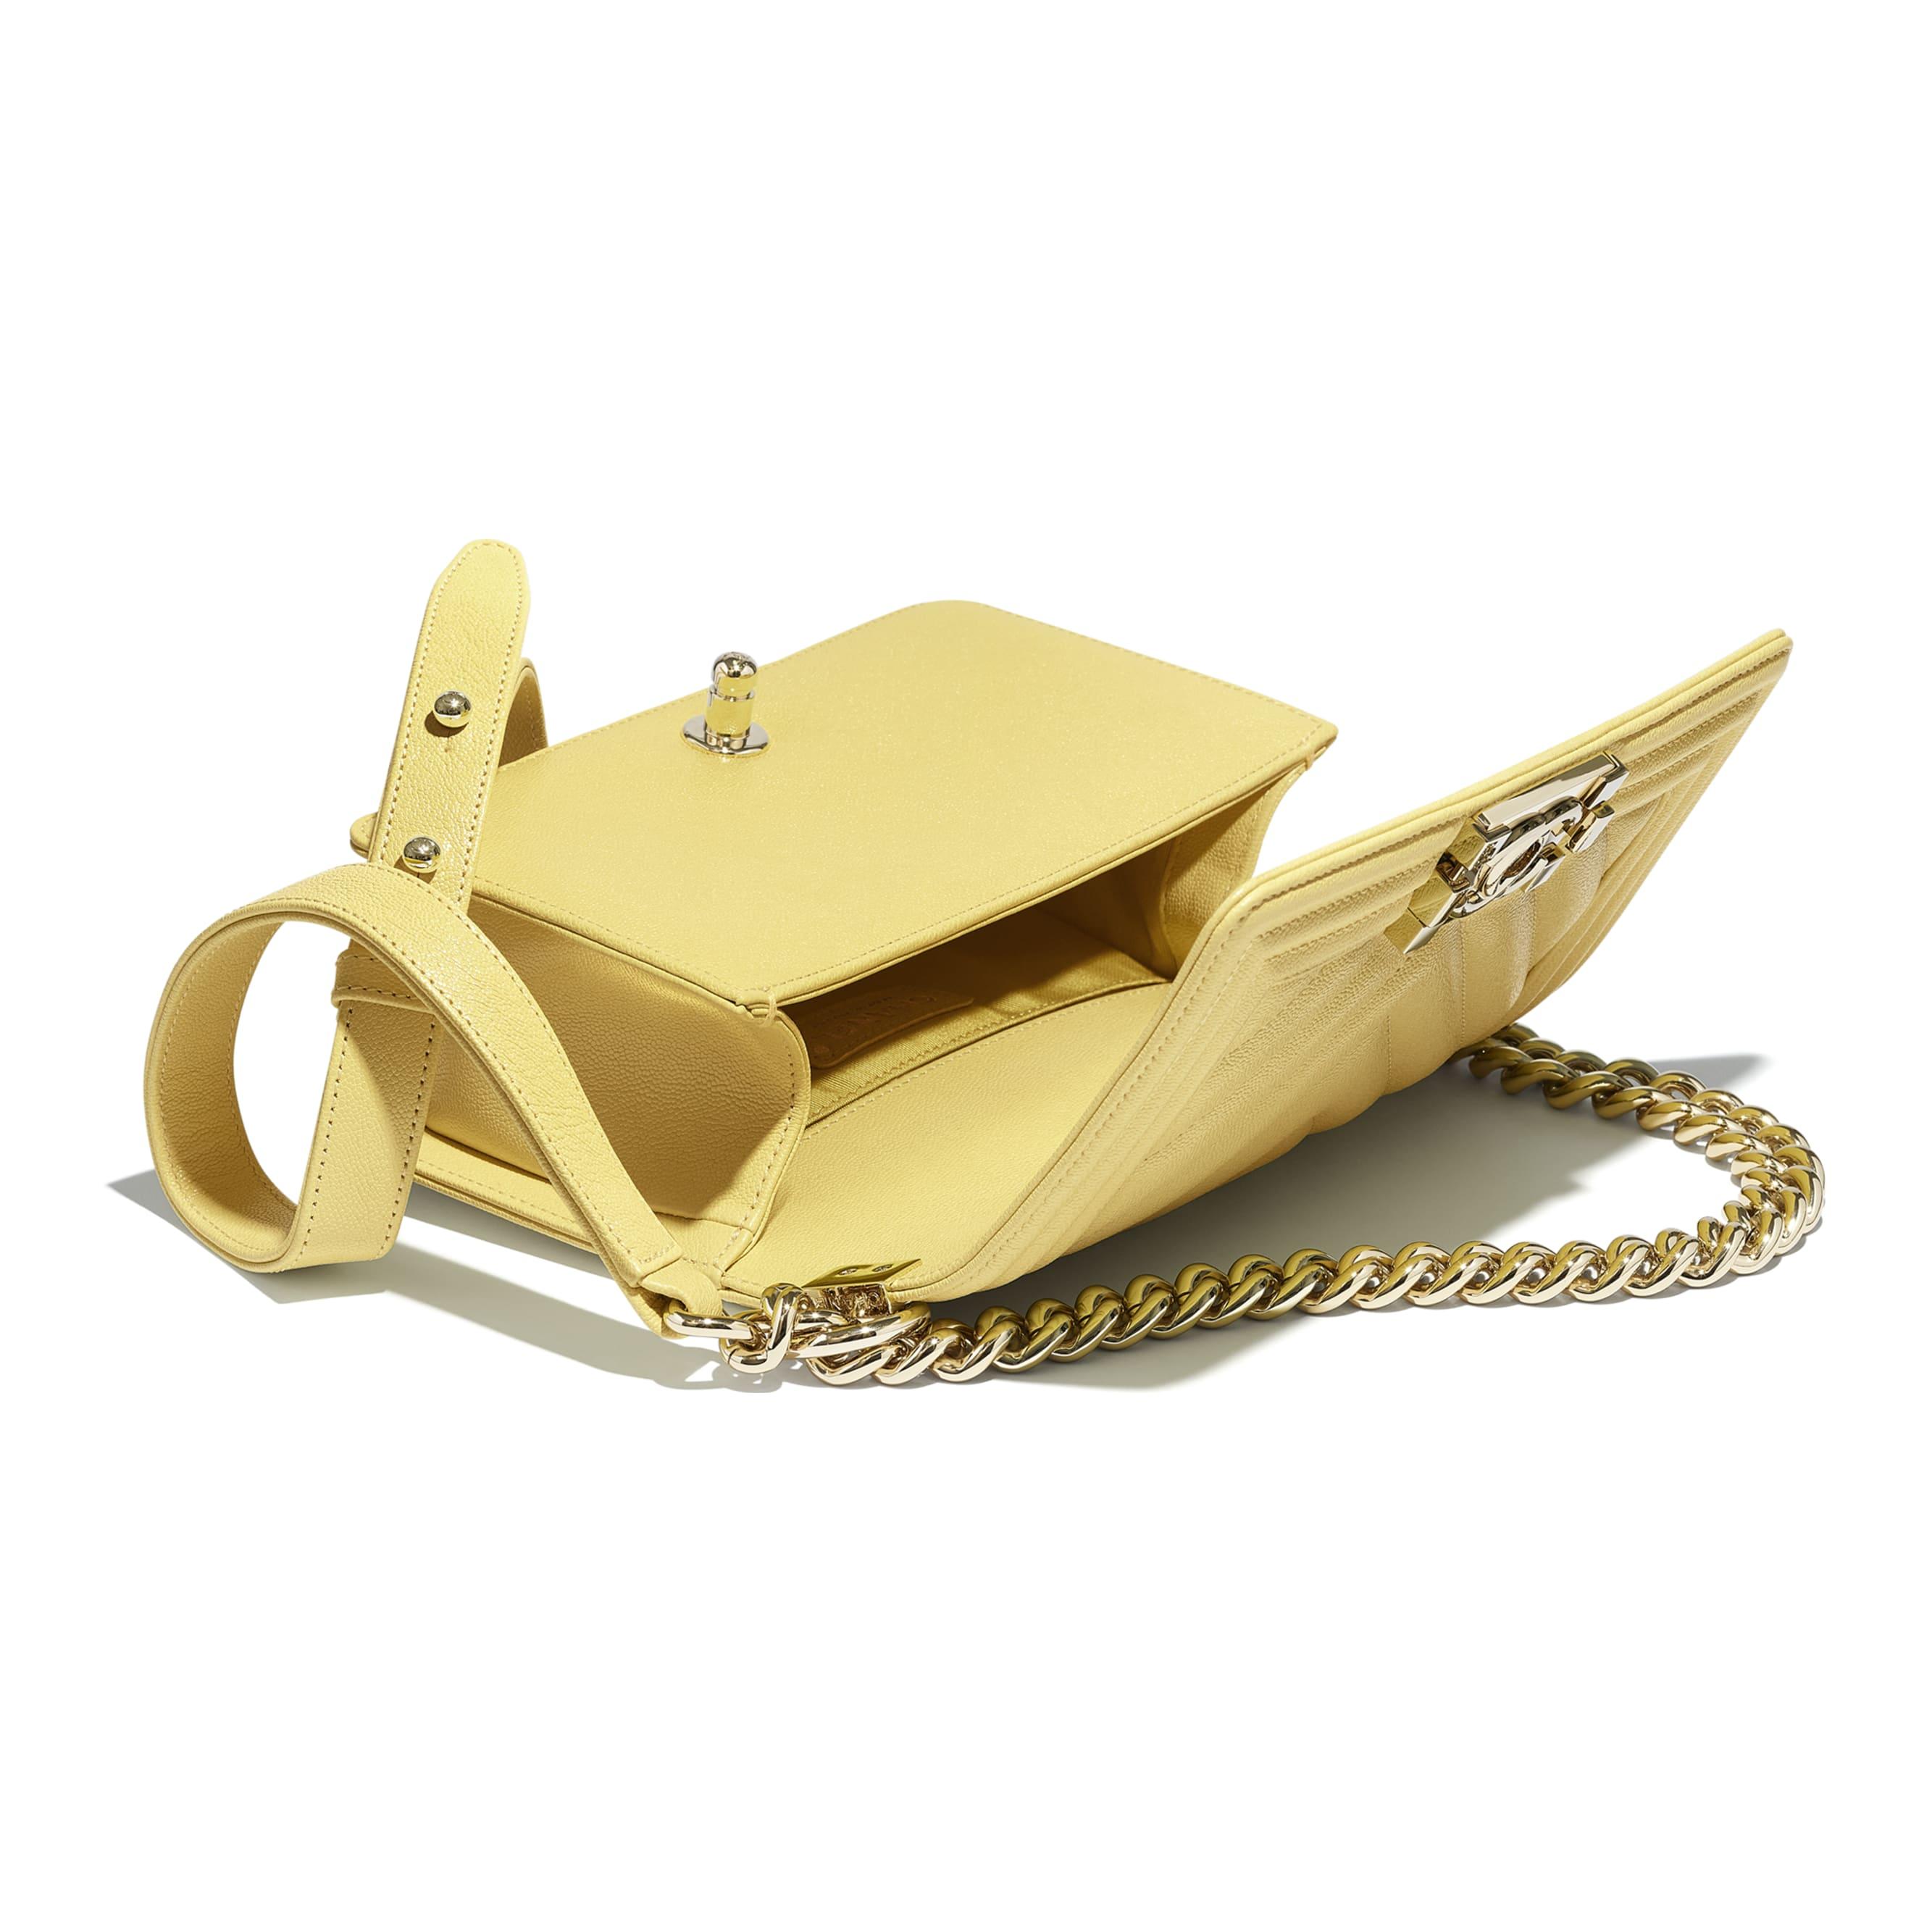 Kleine Tasche BOY CHANEL - Gelb - Genarbtes Kalbsleder & goldfarbenes Metall - CHANEL - Weitere Ansicht - Standardgröße anzeigen